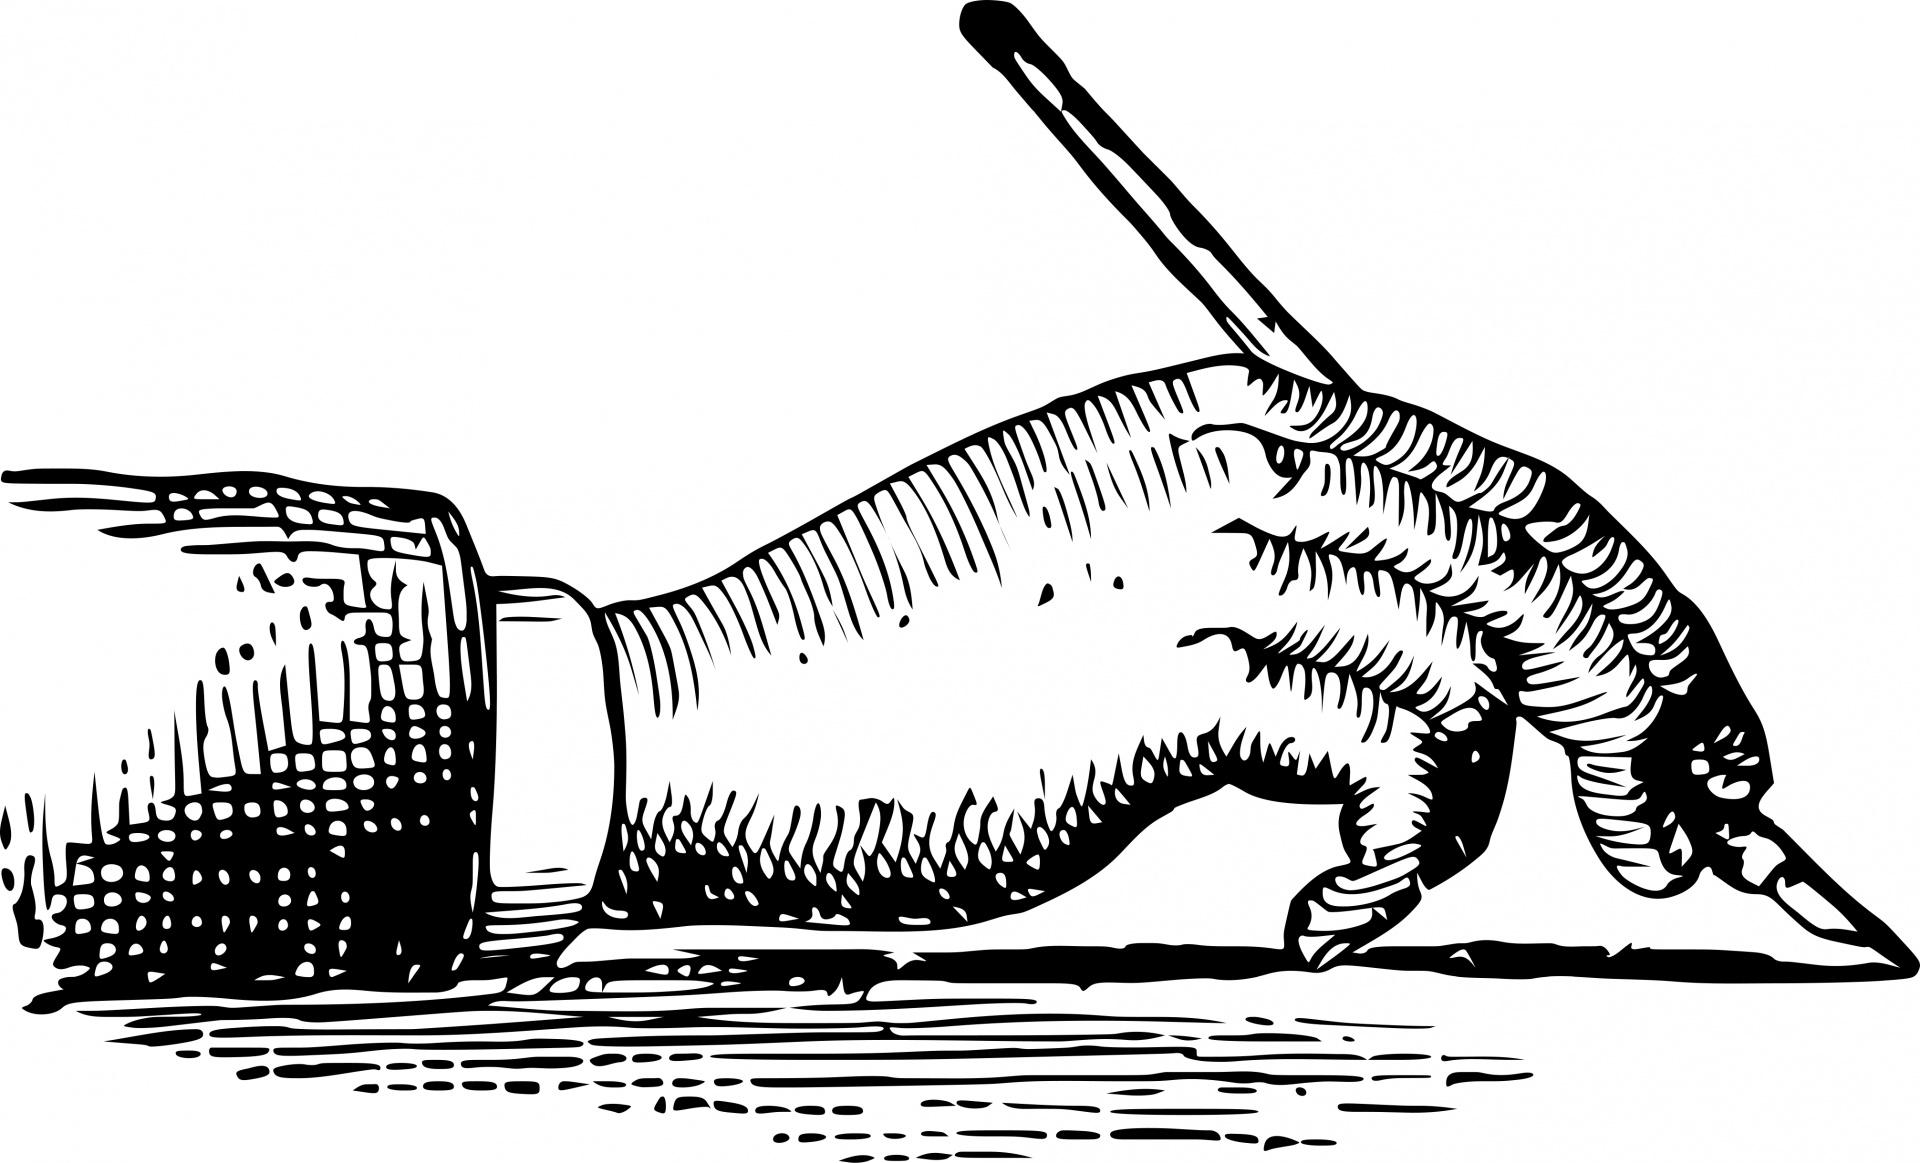 Writing Hand Free Stock Photo